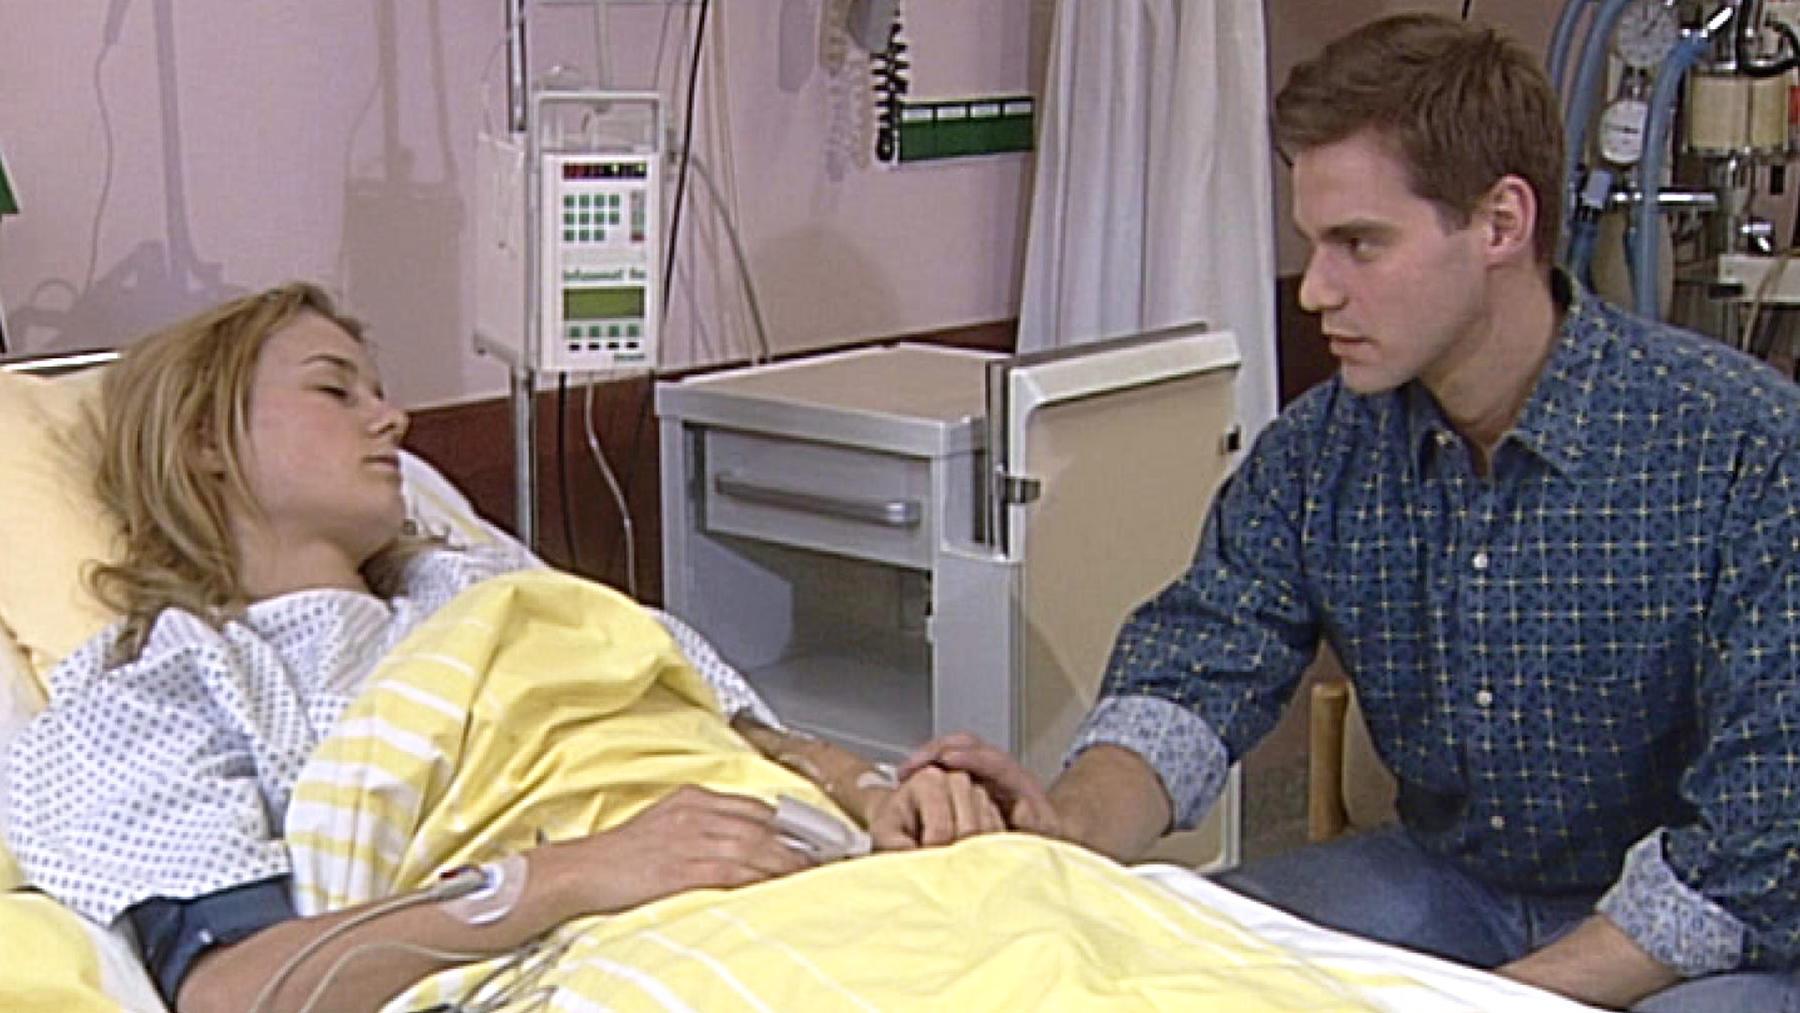 Andy und Flo verlieren ihr Kind durch eine Fehlgeburt